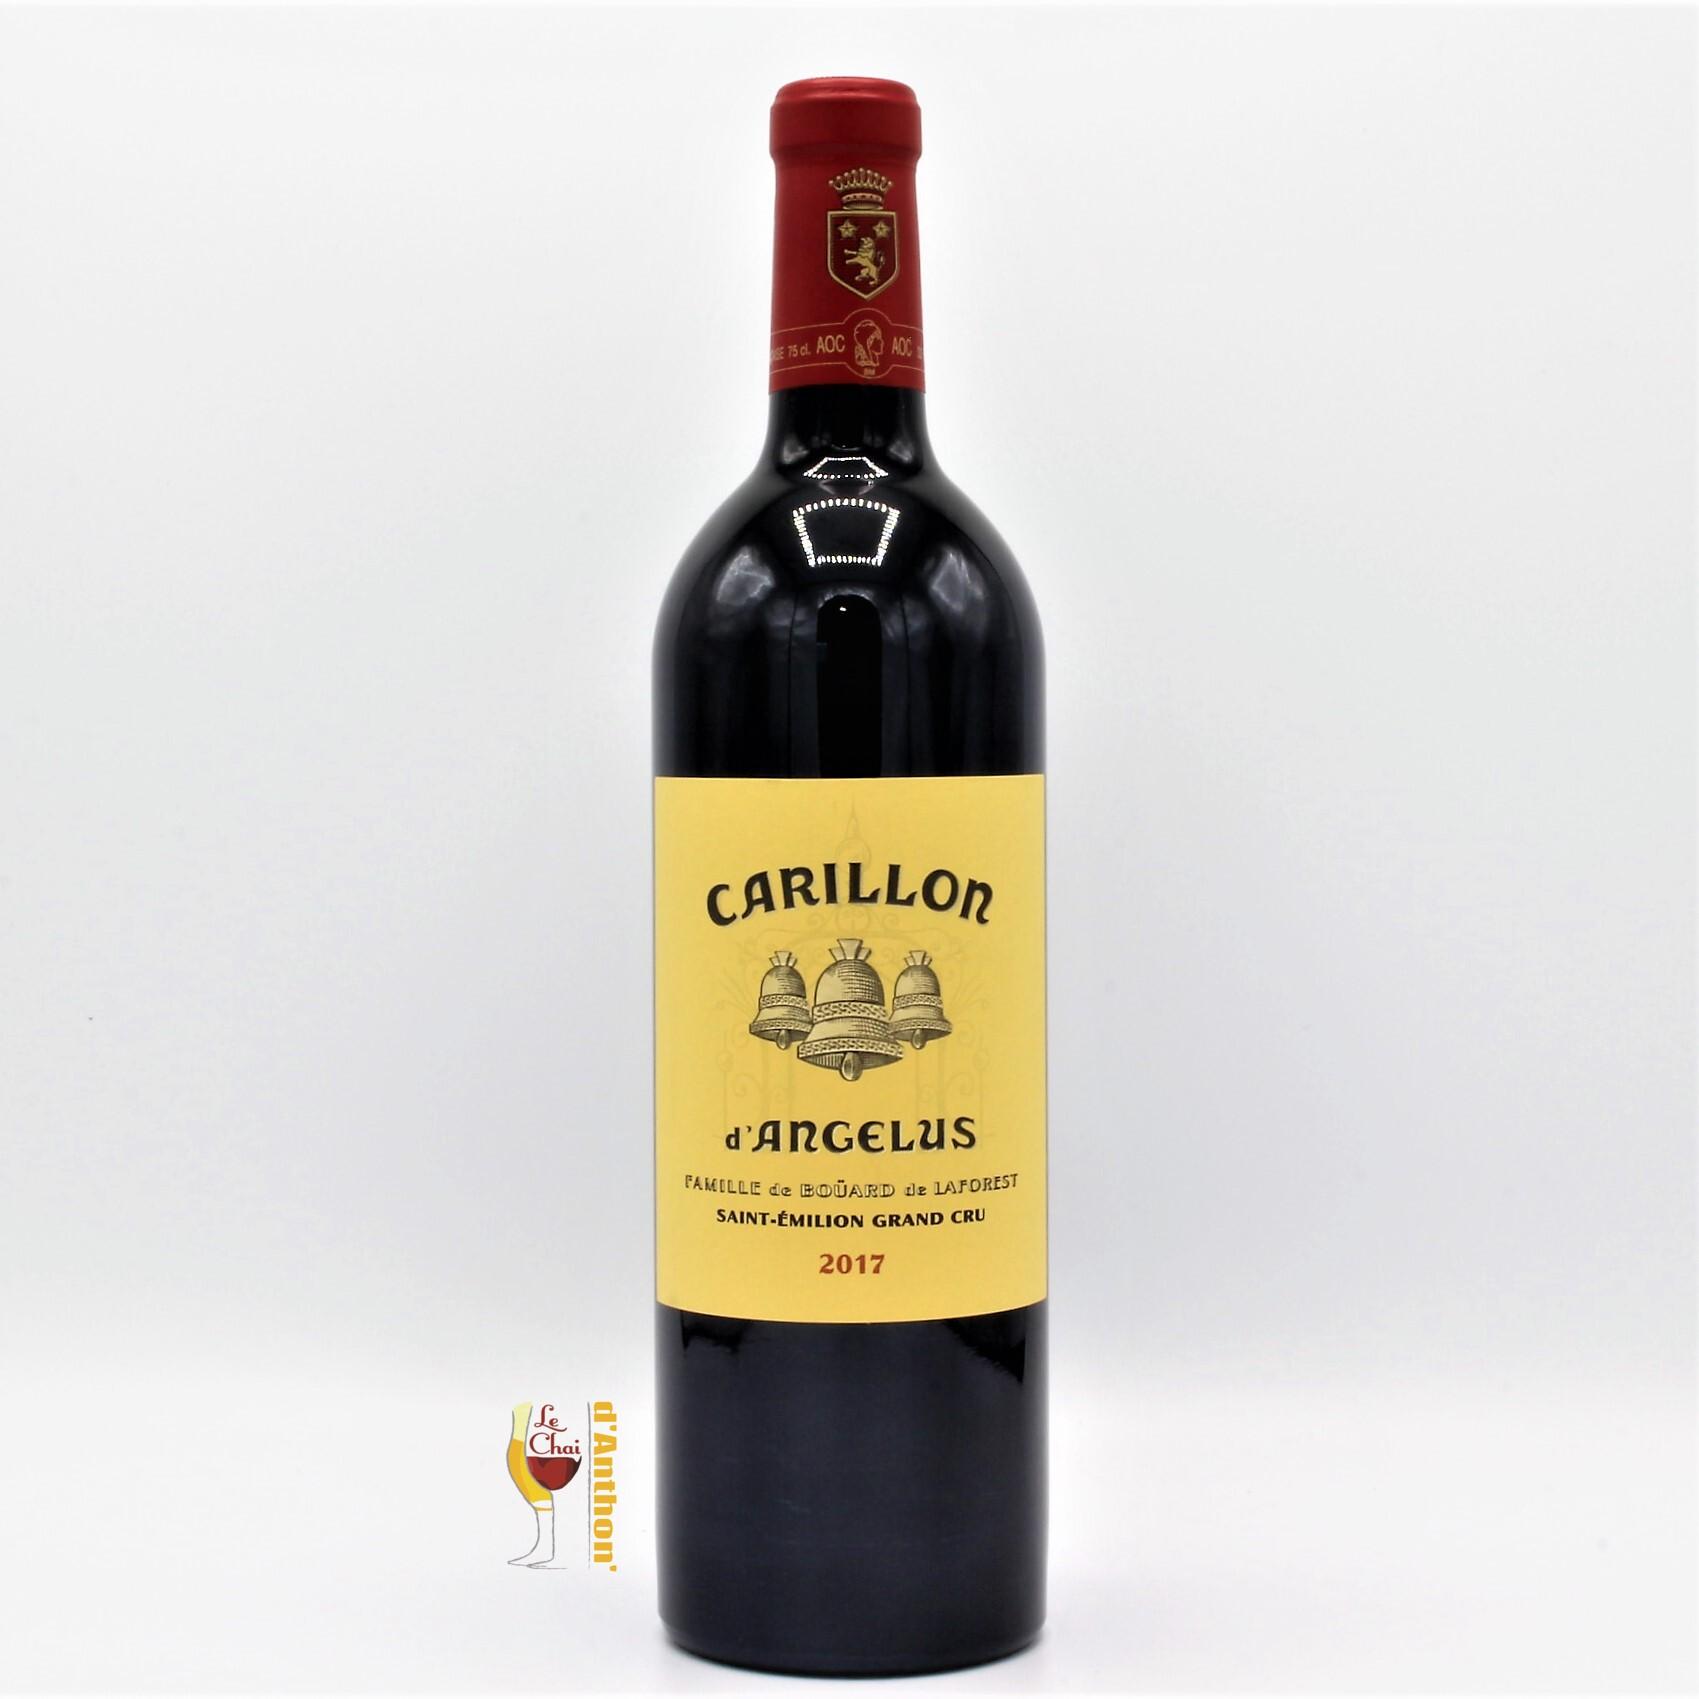 Vin Bouteille Rouge Bordeaux St Emilion Grand Cru Carillon Angelus 2017 75cl